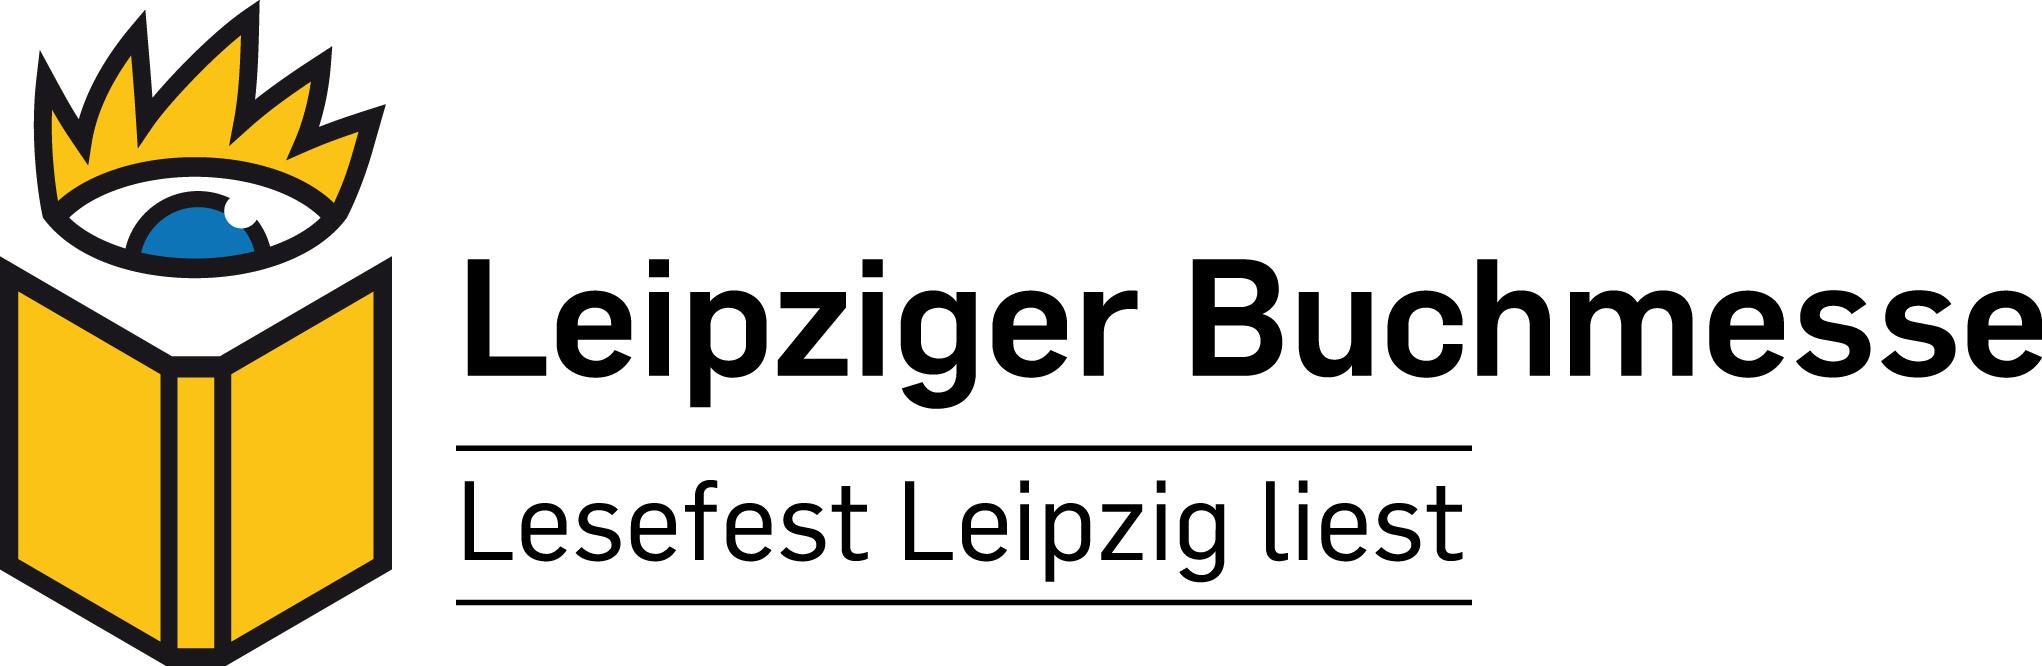 Leipzig calling – Die Buchmesse startet am 13. März